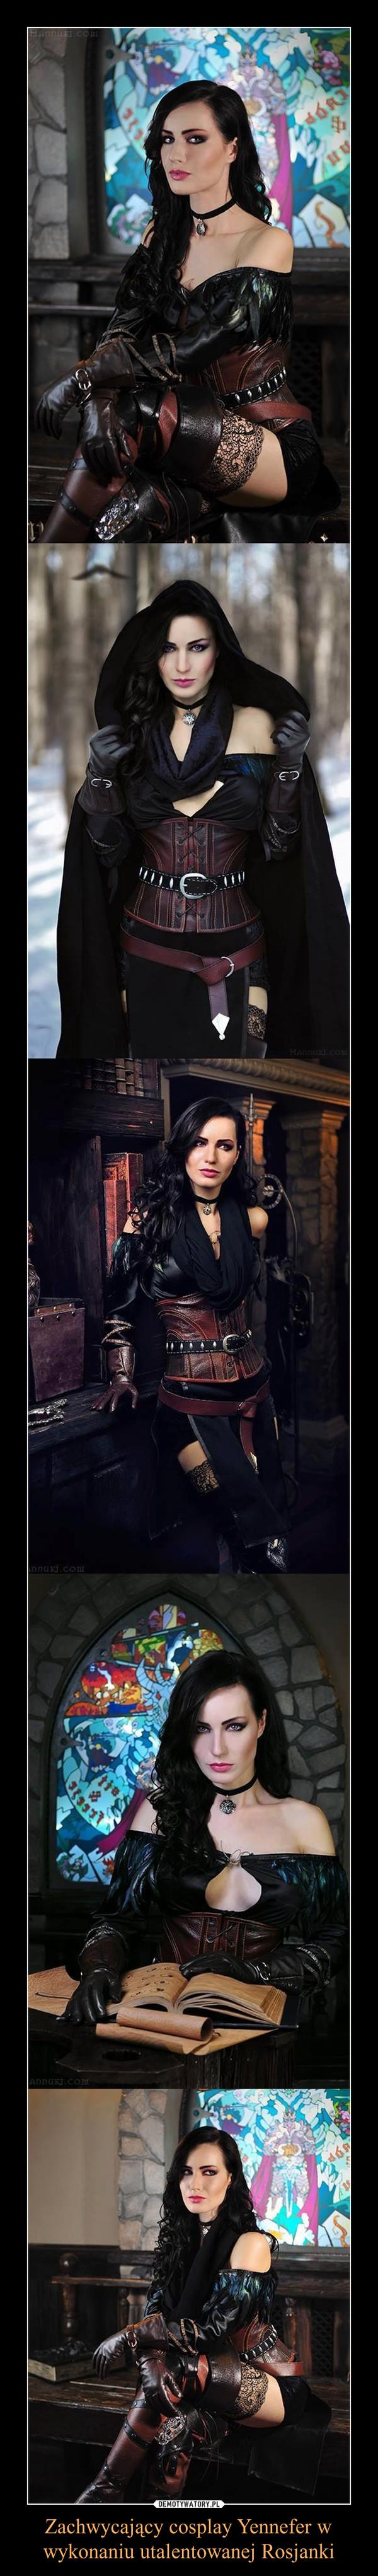 Zachwycający cosplay Yennefer w wykonaniu utalentowanej Rosjanki –